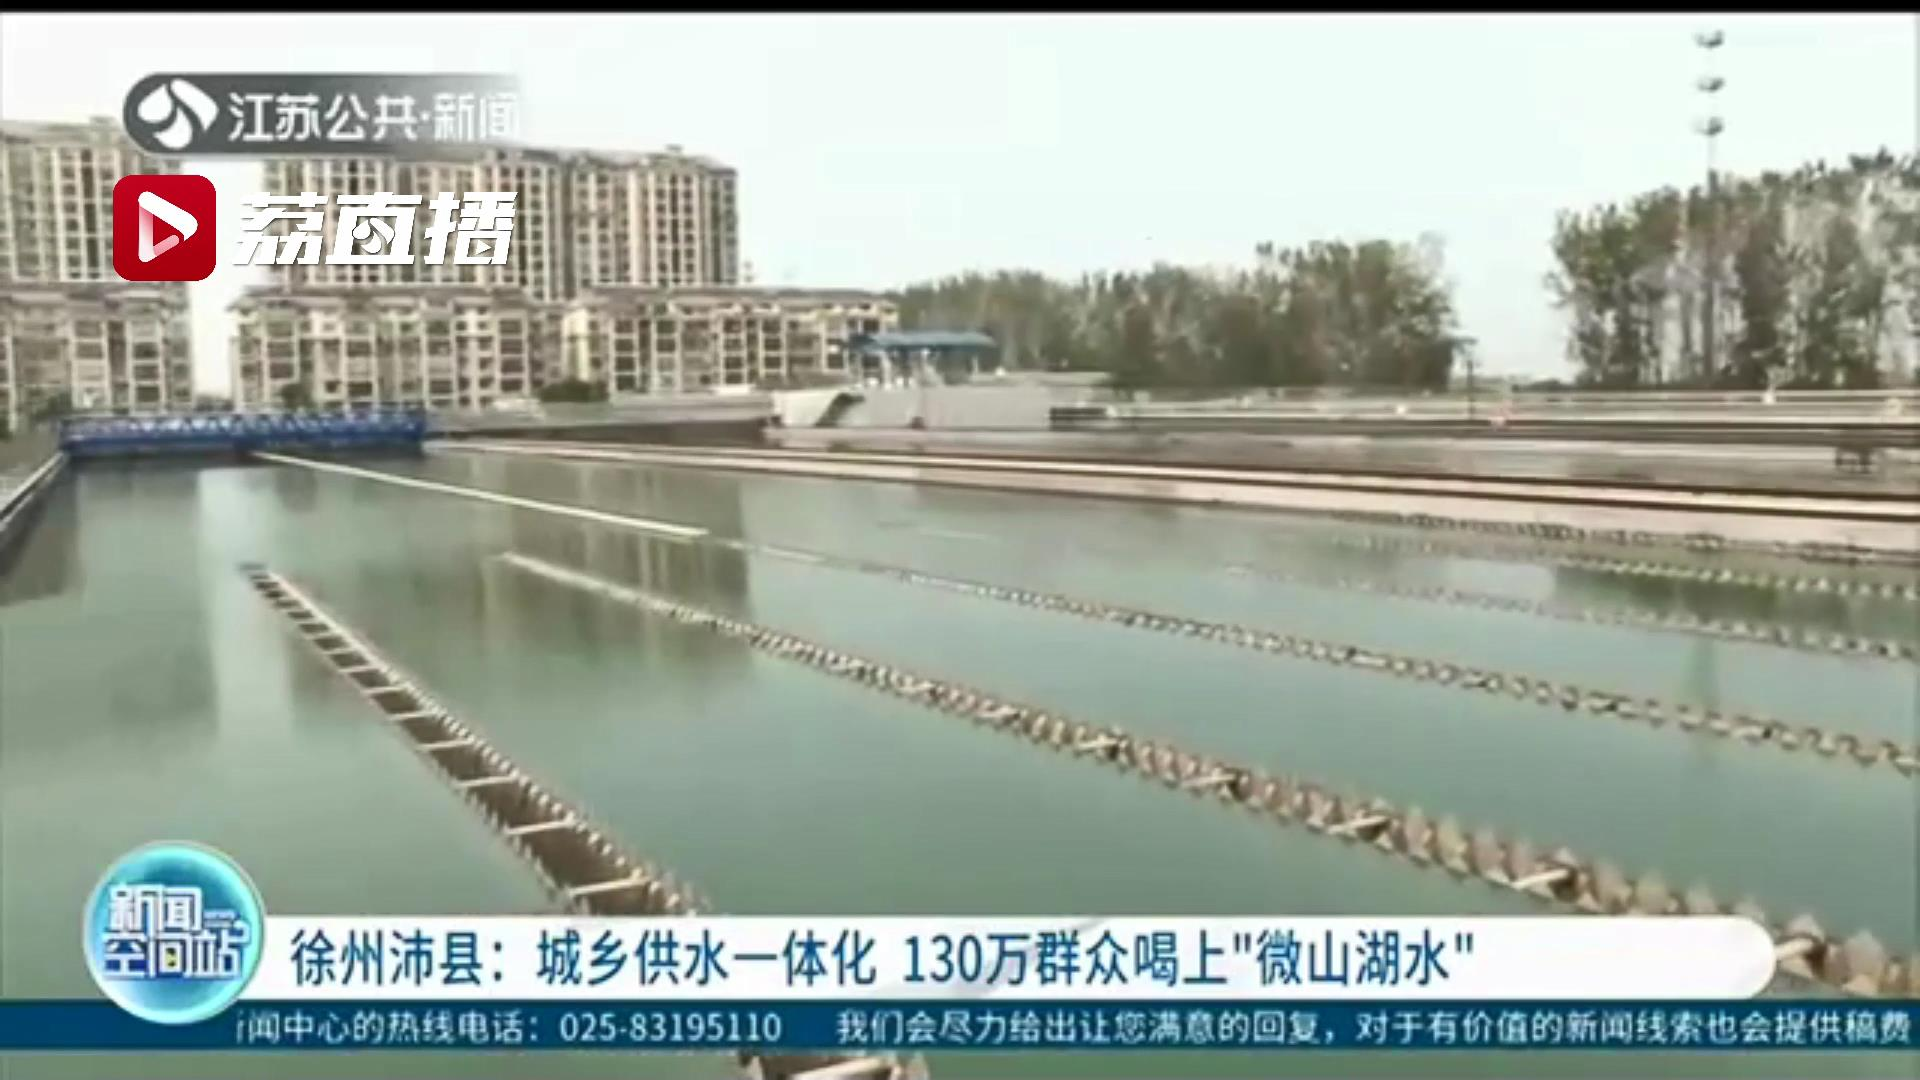 城乡供水一体化实现全覆盖!徐州沛县130万群众喝上微山湖水